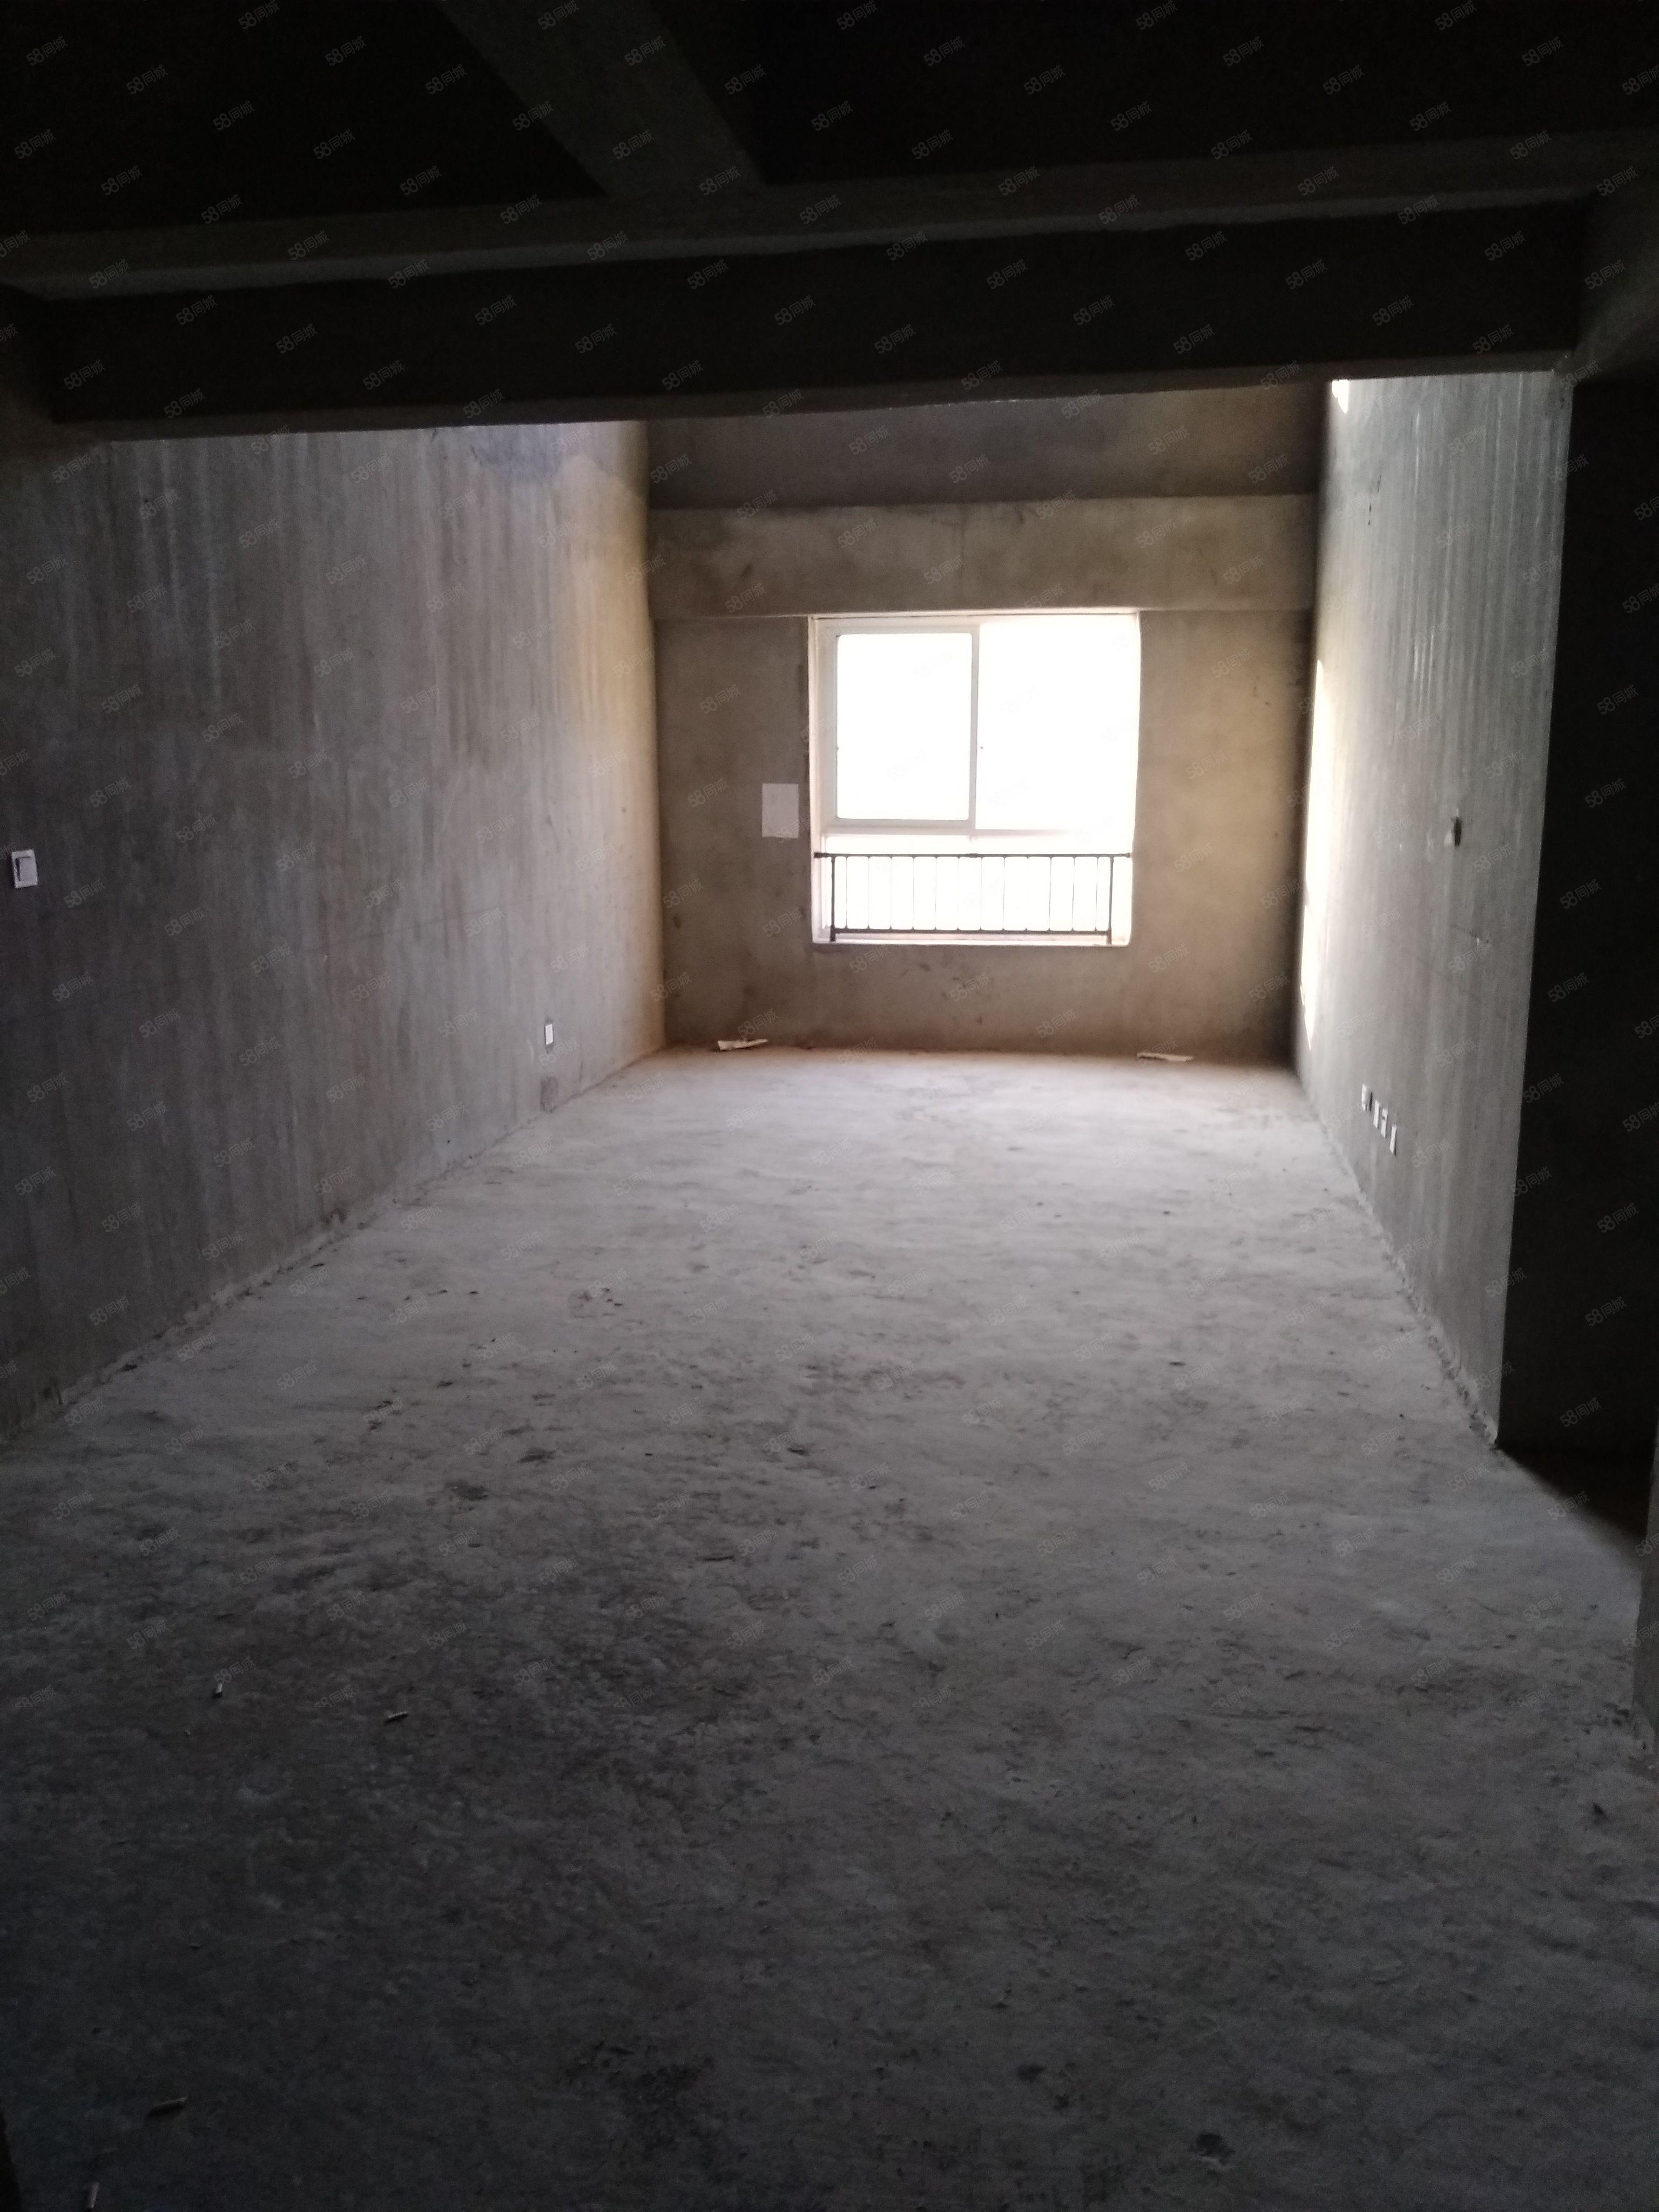 东外滩帝景城复试楼四室两厅两卫毛坯送书房大露台急售